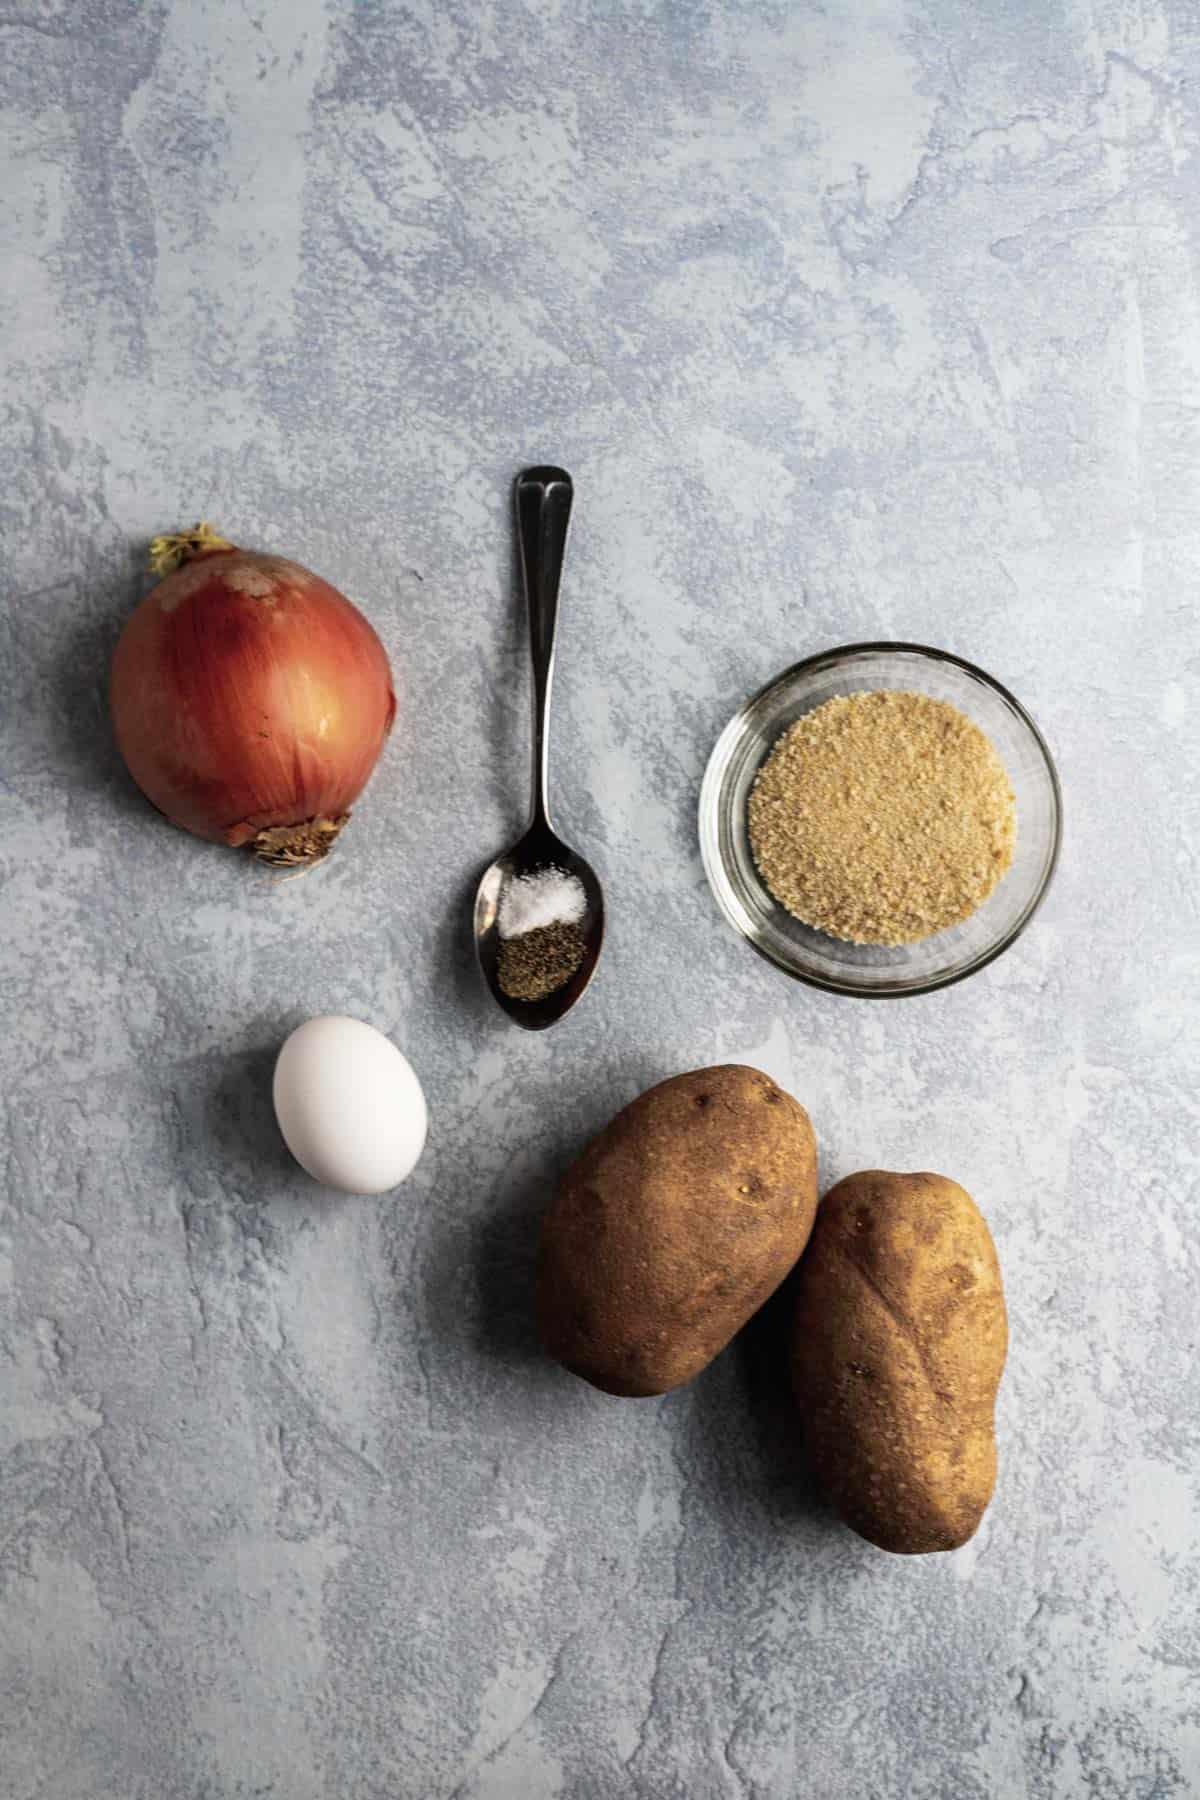 Ingredients for air fryer latkes.